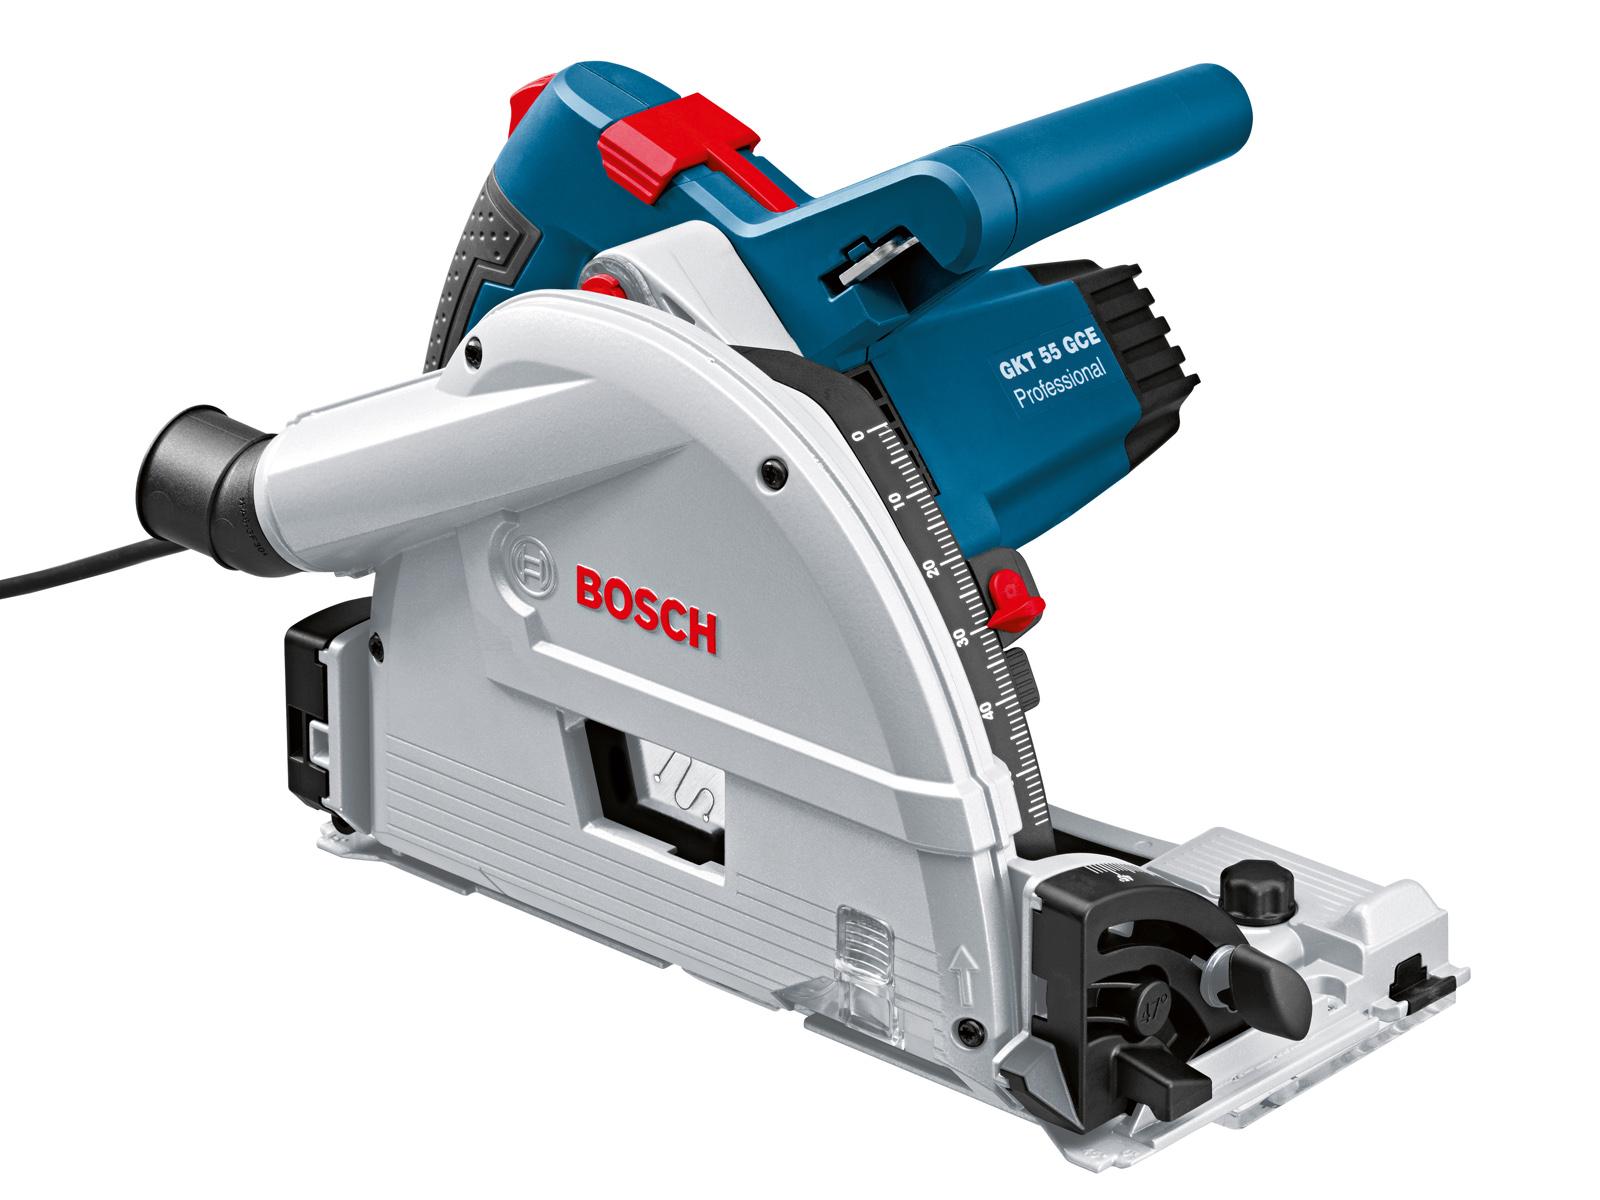 Погружная циркулярная пила Bosch Gkt 55 gce l-boxx (0.601.675.001) дисковая пила bosch gks 65 gce 0601668901